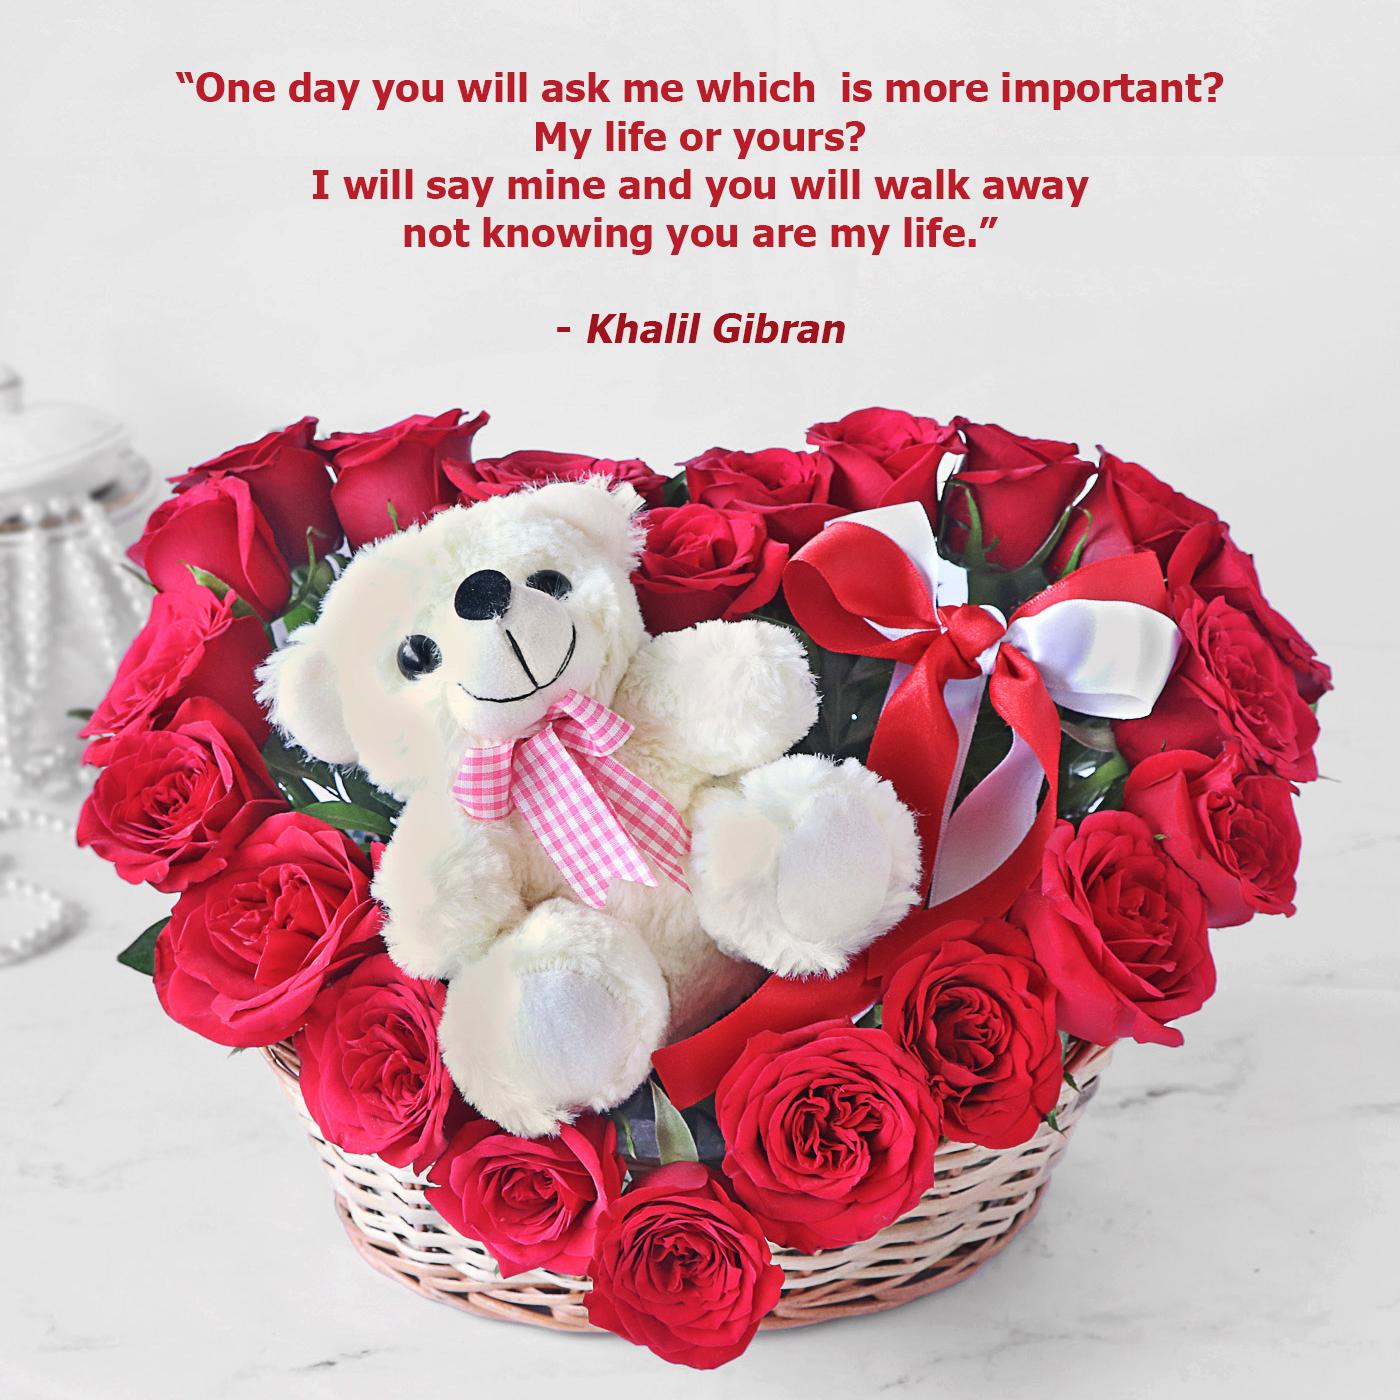 khalil gibran love quote